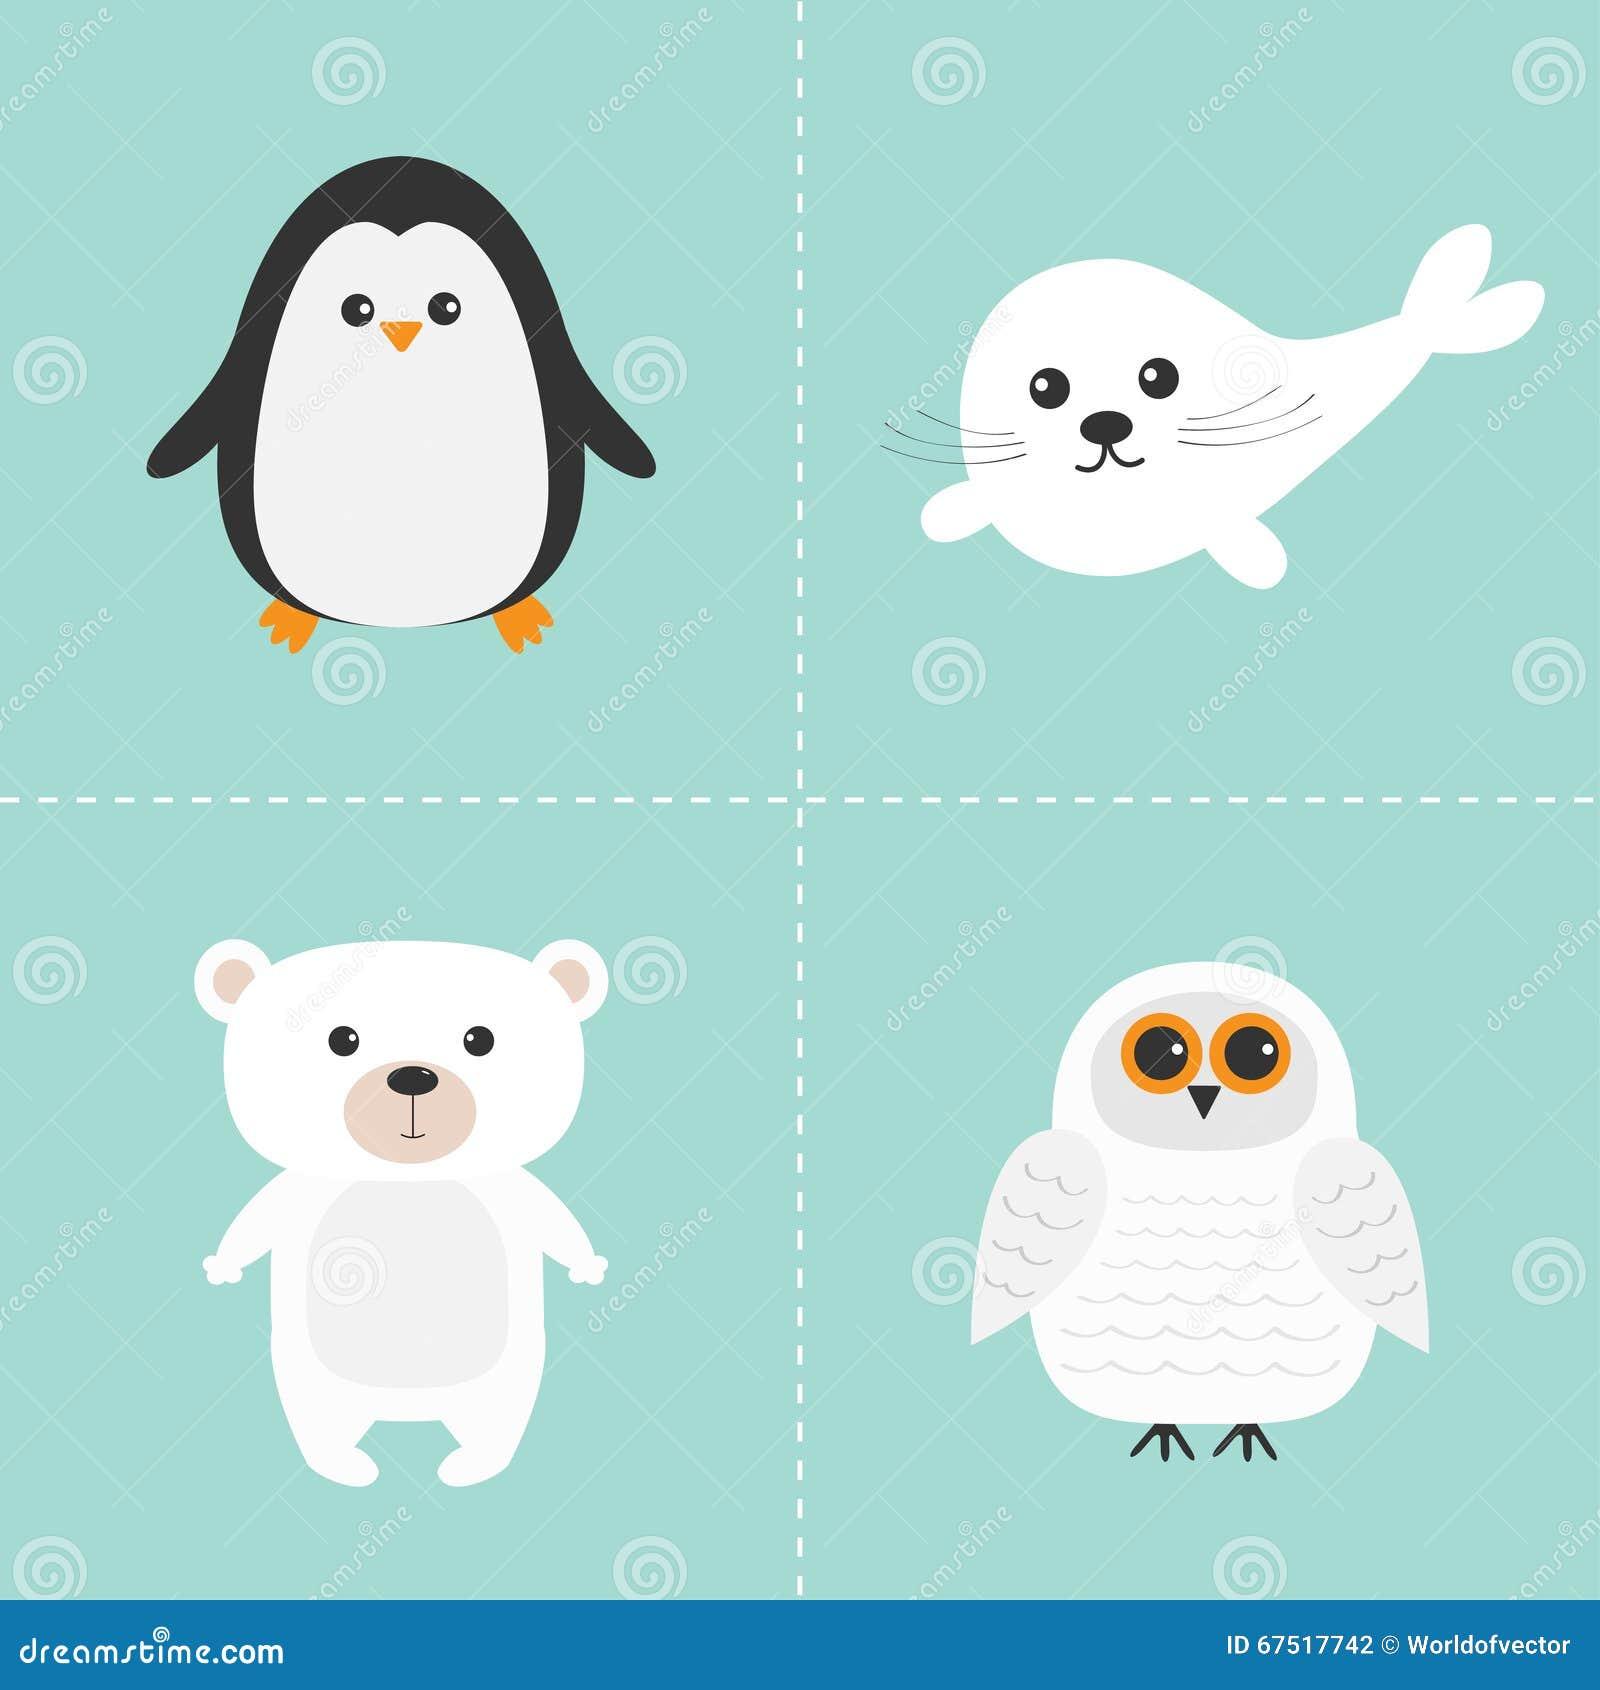 北极极性动物集合 白熊,猫头鹰,企鹅,小海豹婴孩竖琴图片